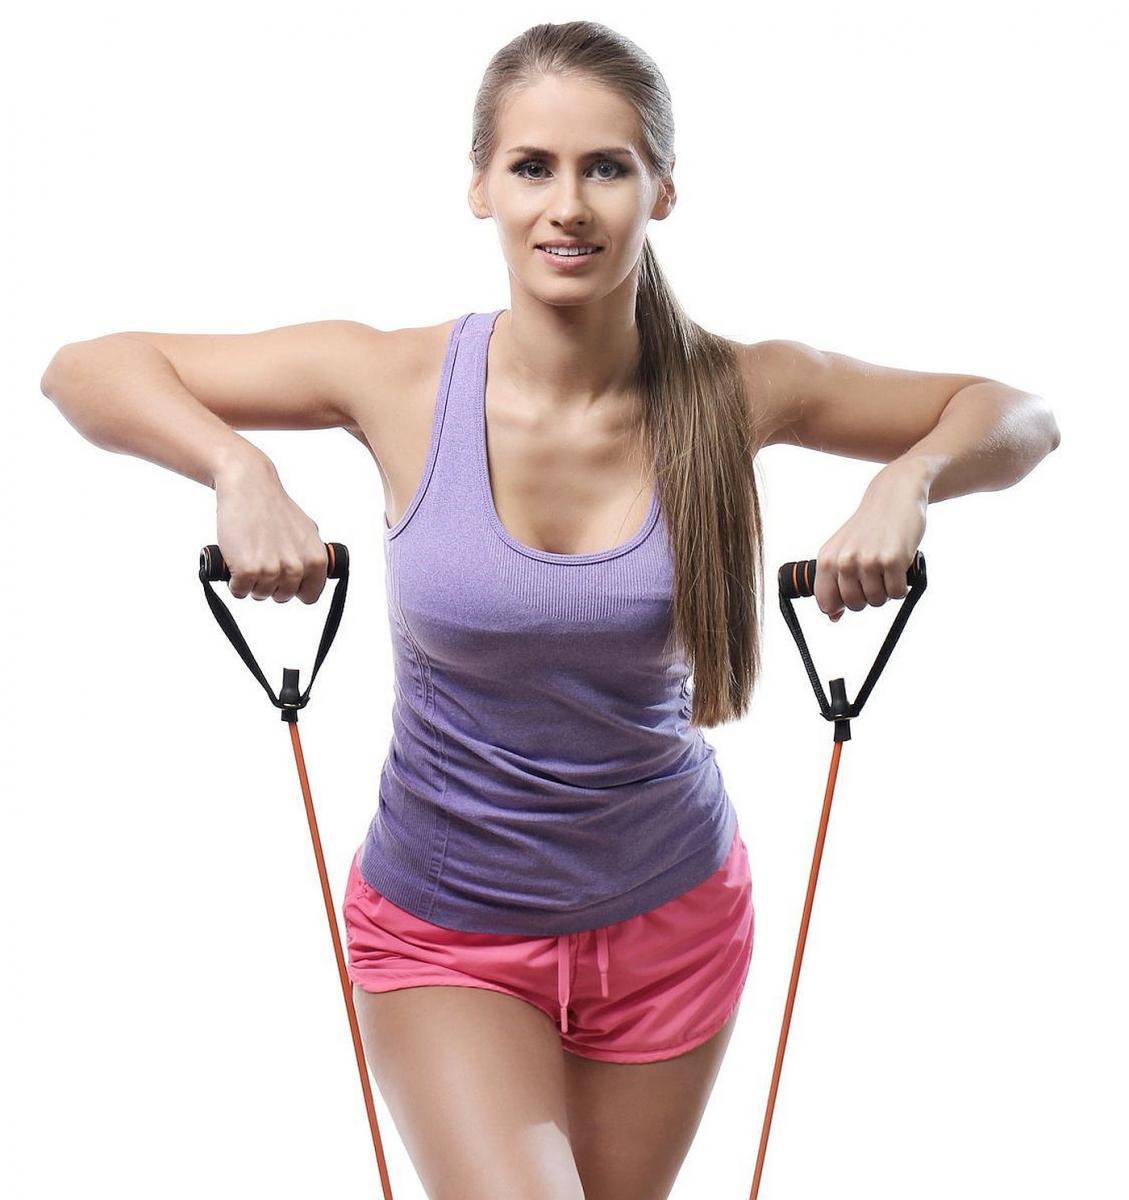 Vježbanje je praktično i kvalitetno s elastičnom gumom s ručkama.